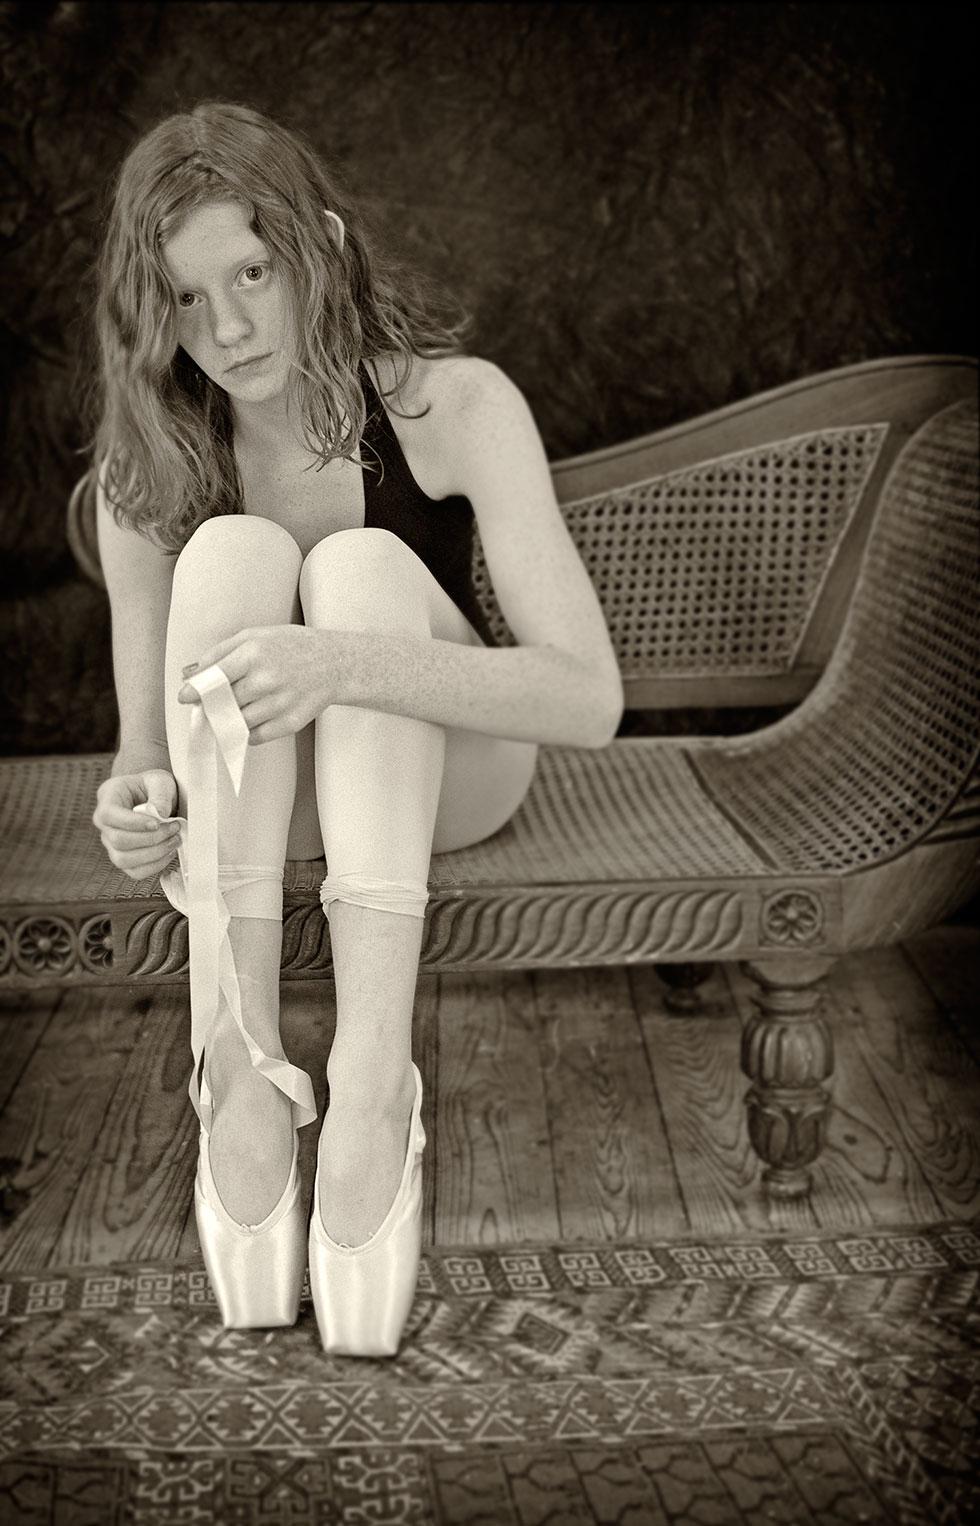 Lauren-tying-shoes.jpg